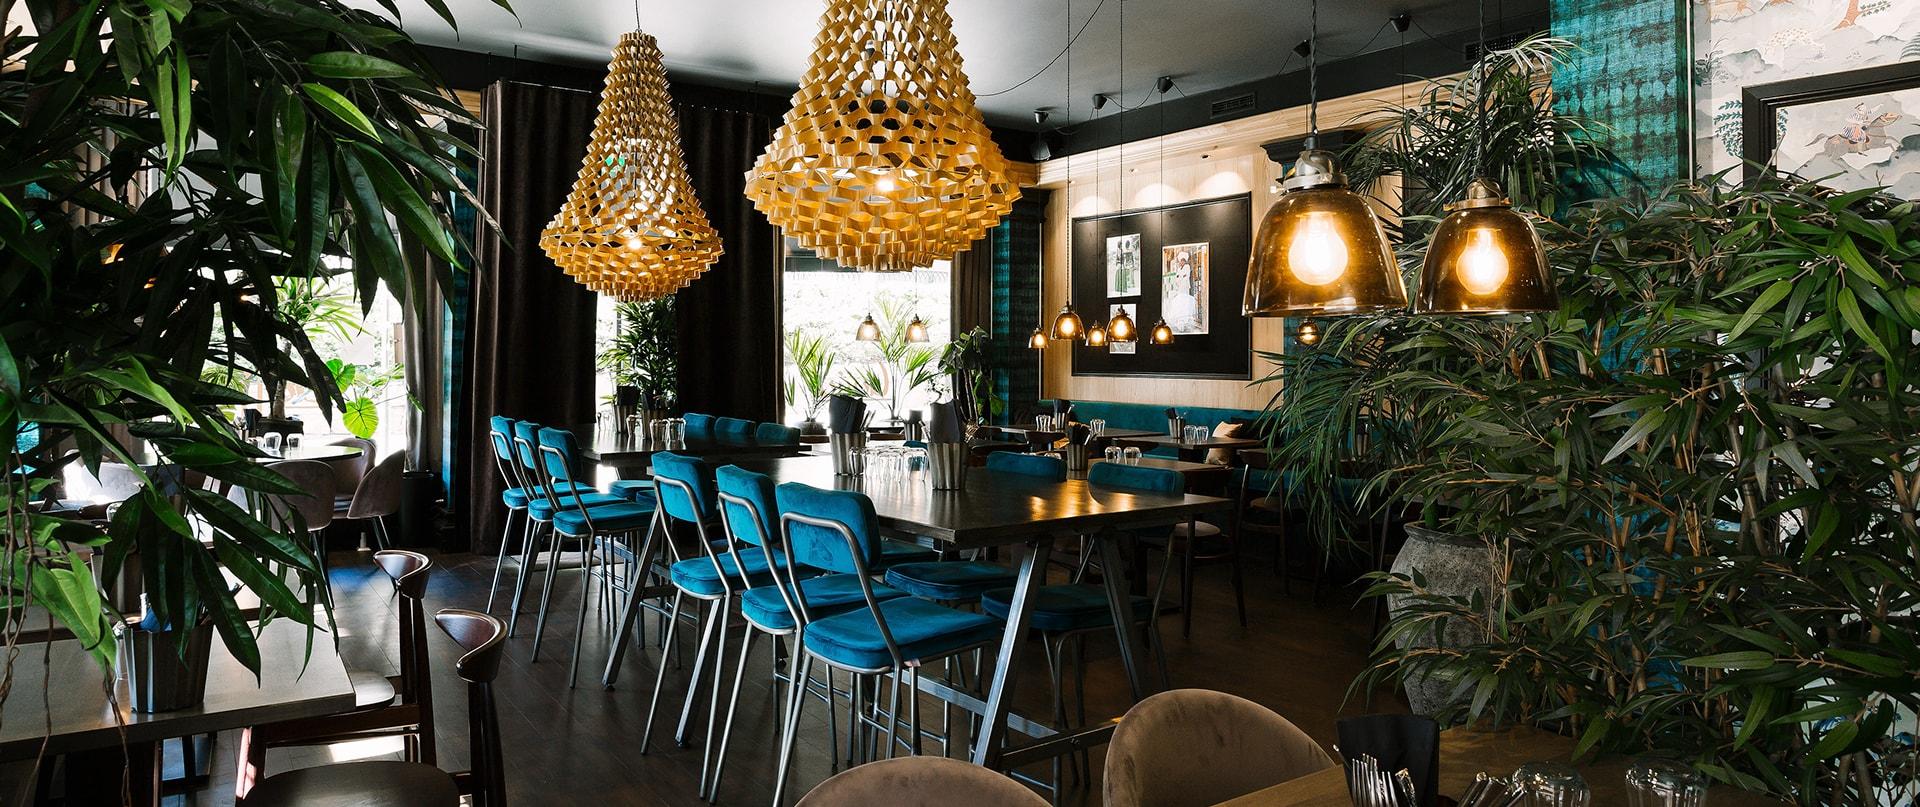 Överblick över Restaurang Gujjus inredning